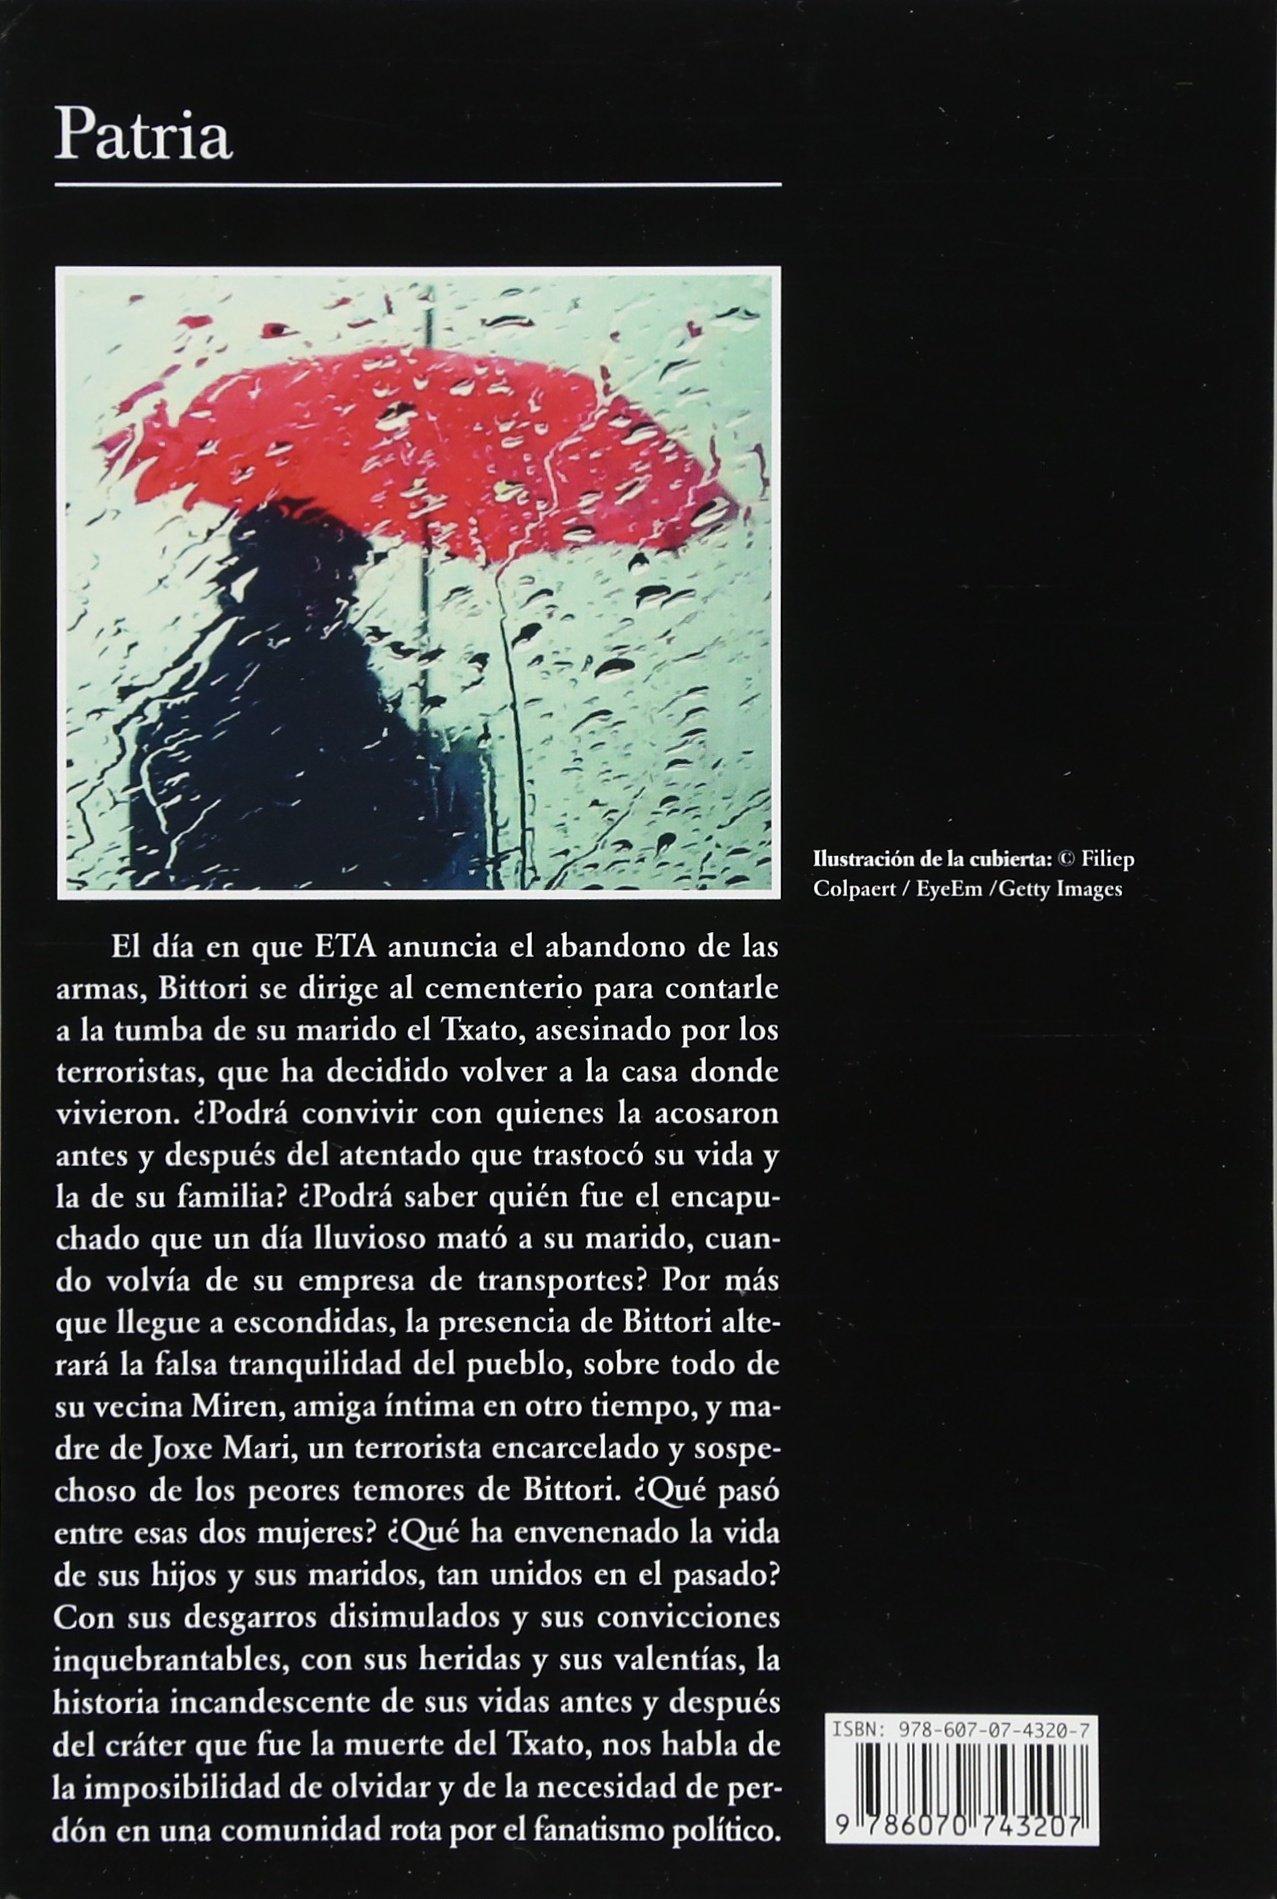 Patria: Amazon.es: Aramburu: Libros